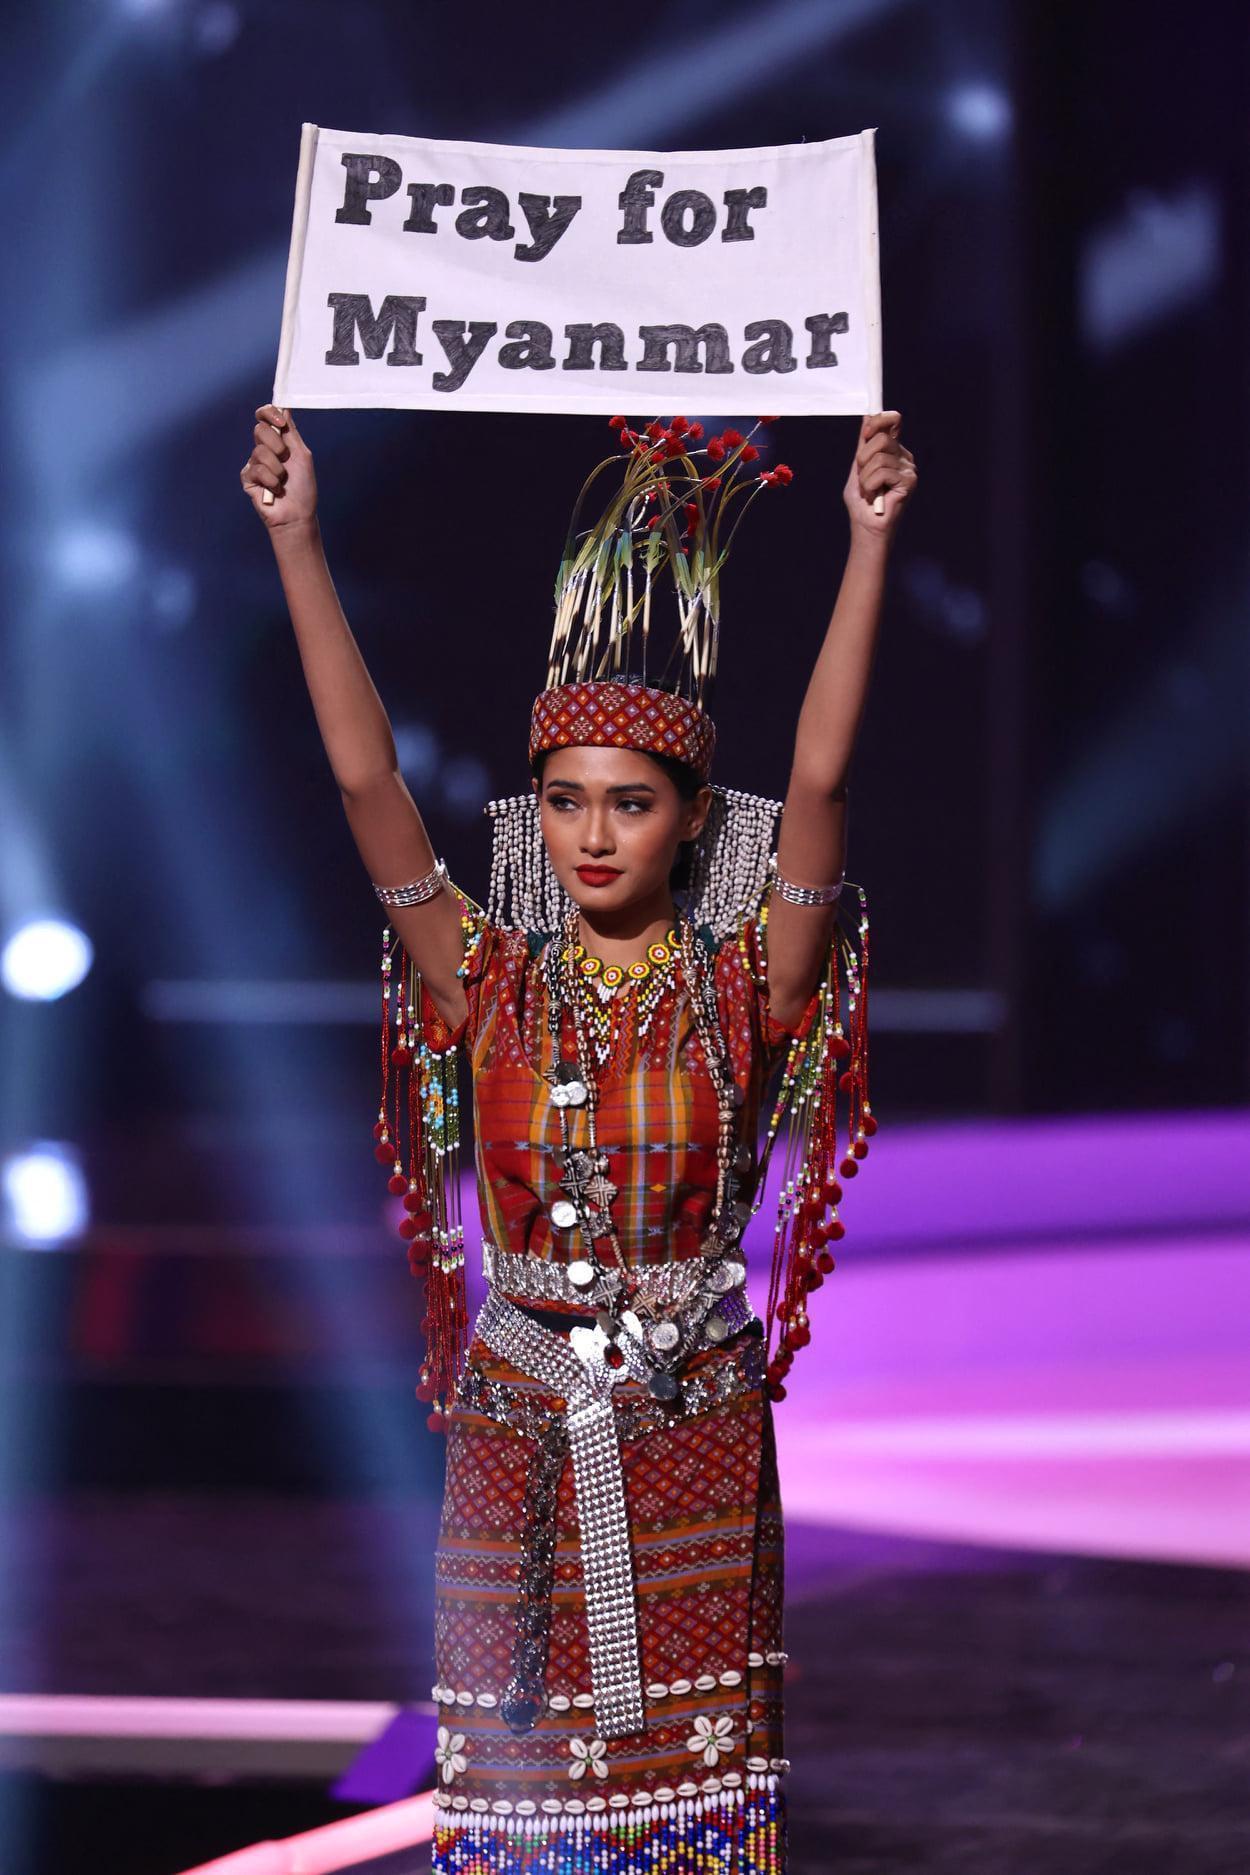 Hoa hậu Hoàn vũ Myanmar giơ tấm bảng Cầu nguyện cho Myanmar trong phần thi Trang phục dân tộc tại Miss Universe 2020